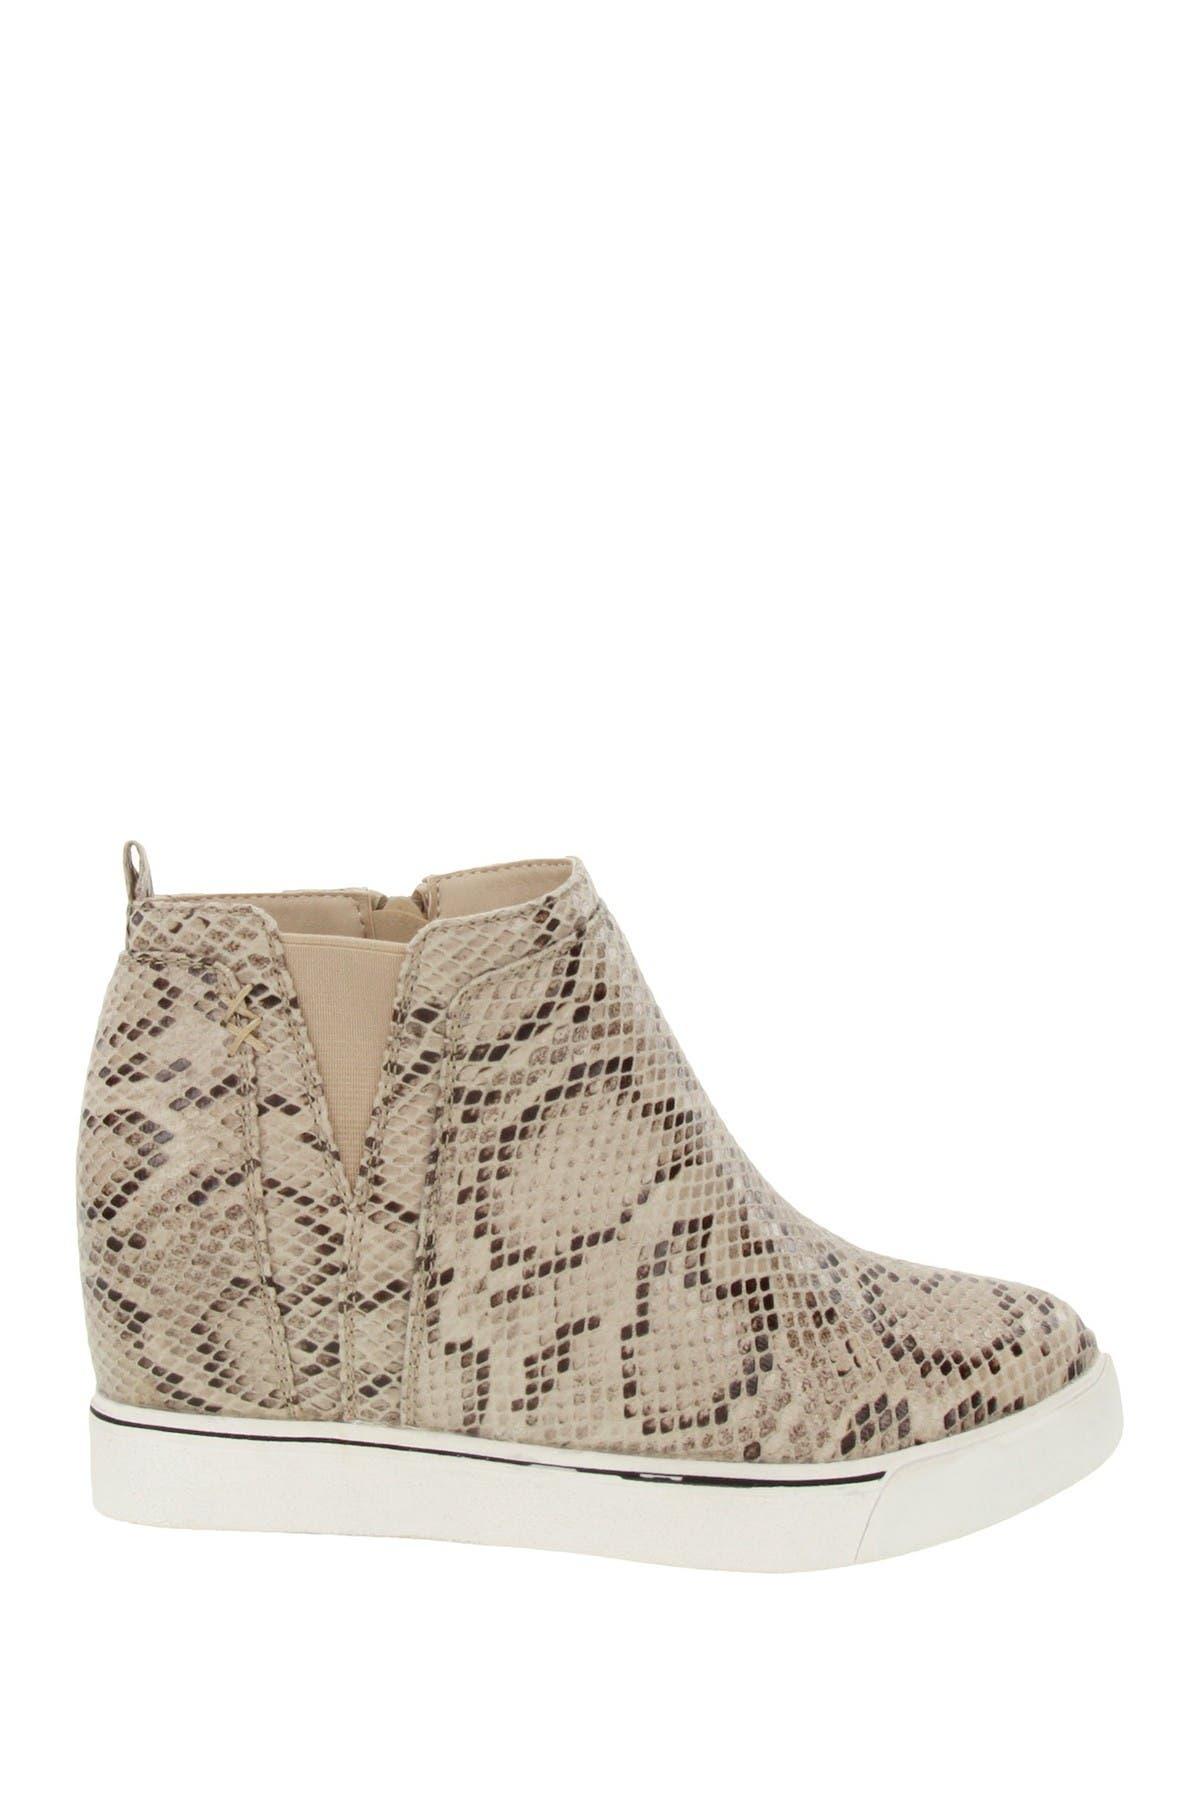 Image of Sugar Glossy Hidden Wedge Sneaker